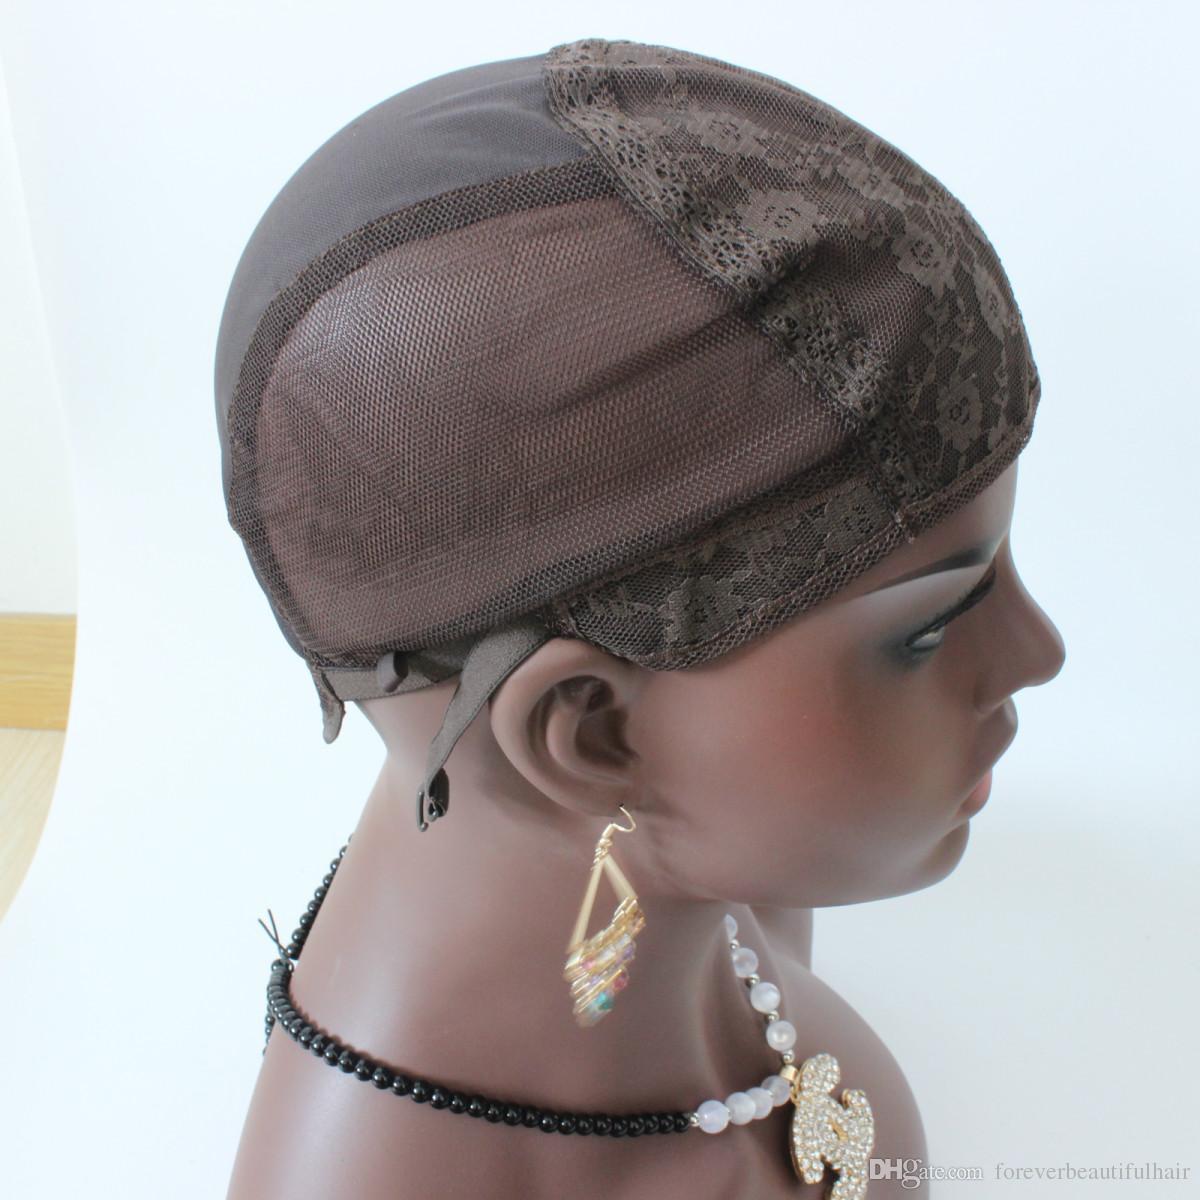 Еврейский парик cap коричневый цвет S/M / L бесклеевой парик шапки для изготовления париков стрейч кружева ткачество Cap регулируемые ремни средний коричневый